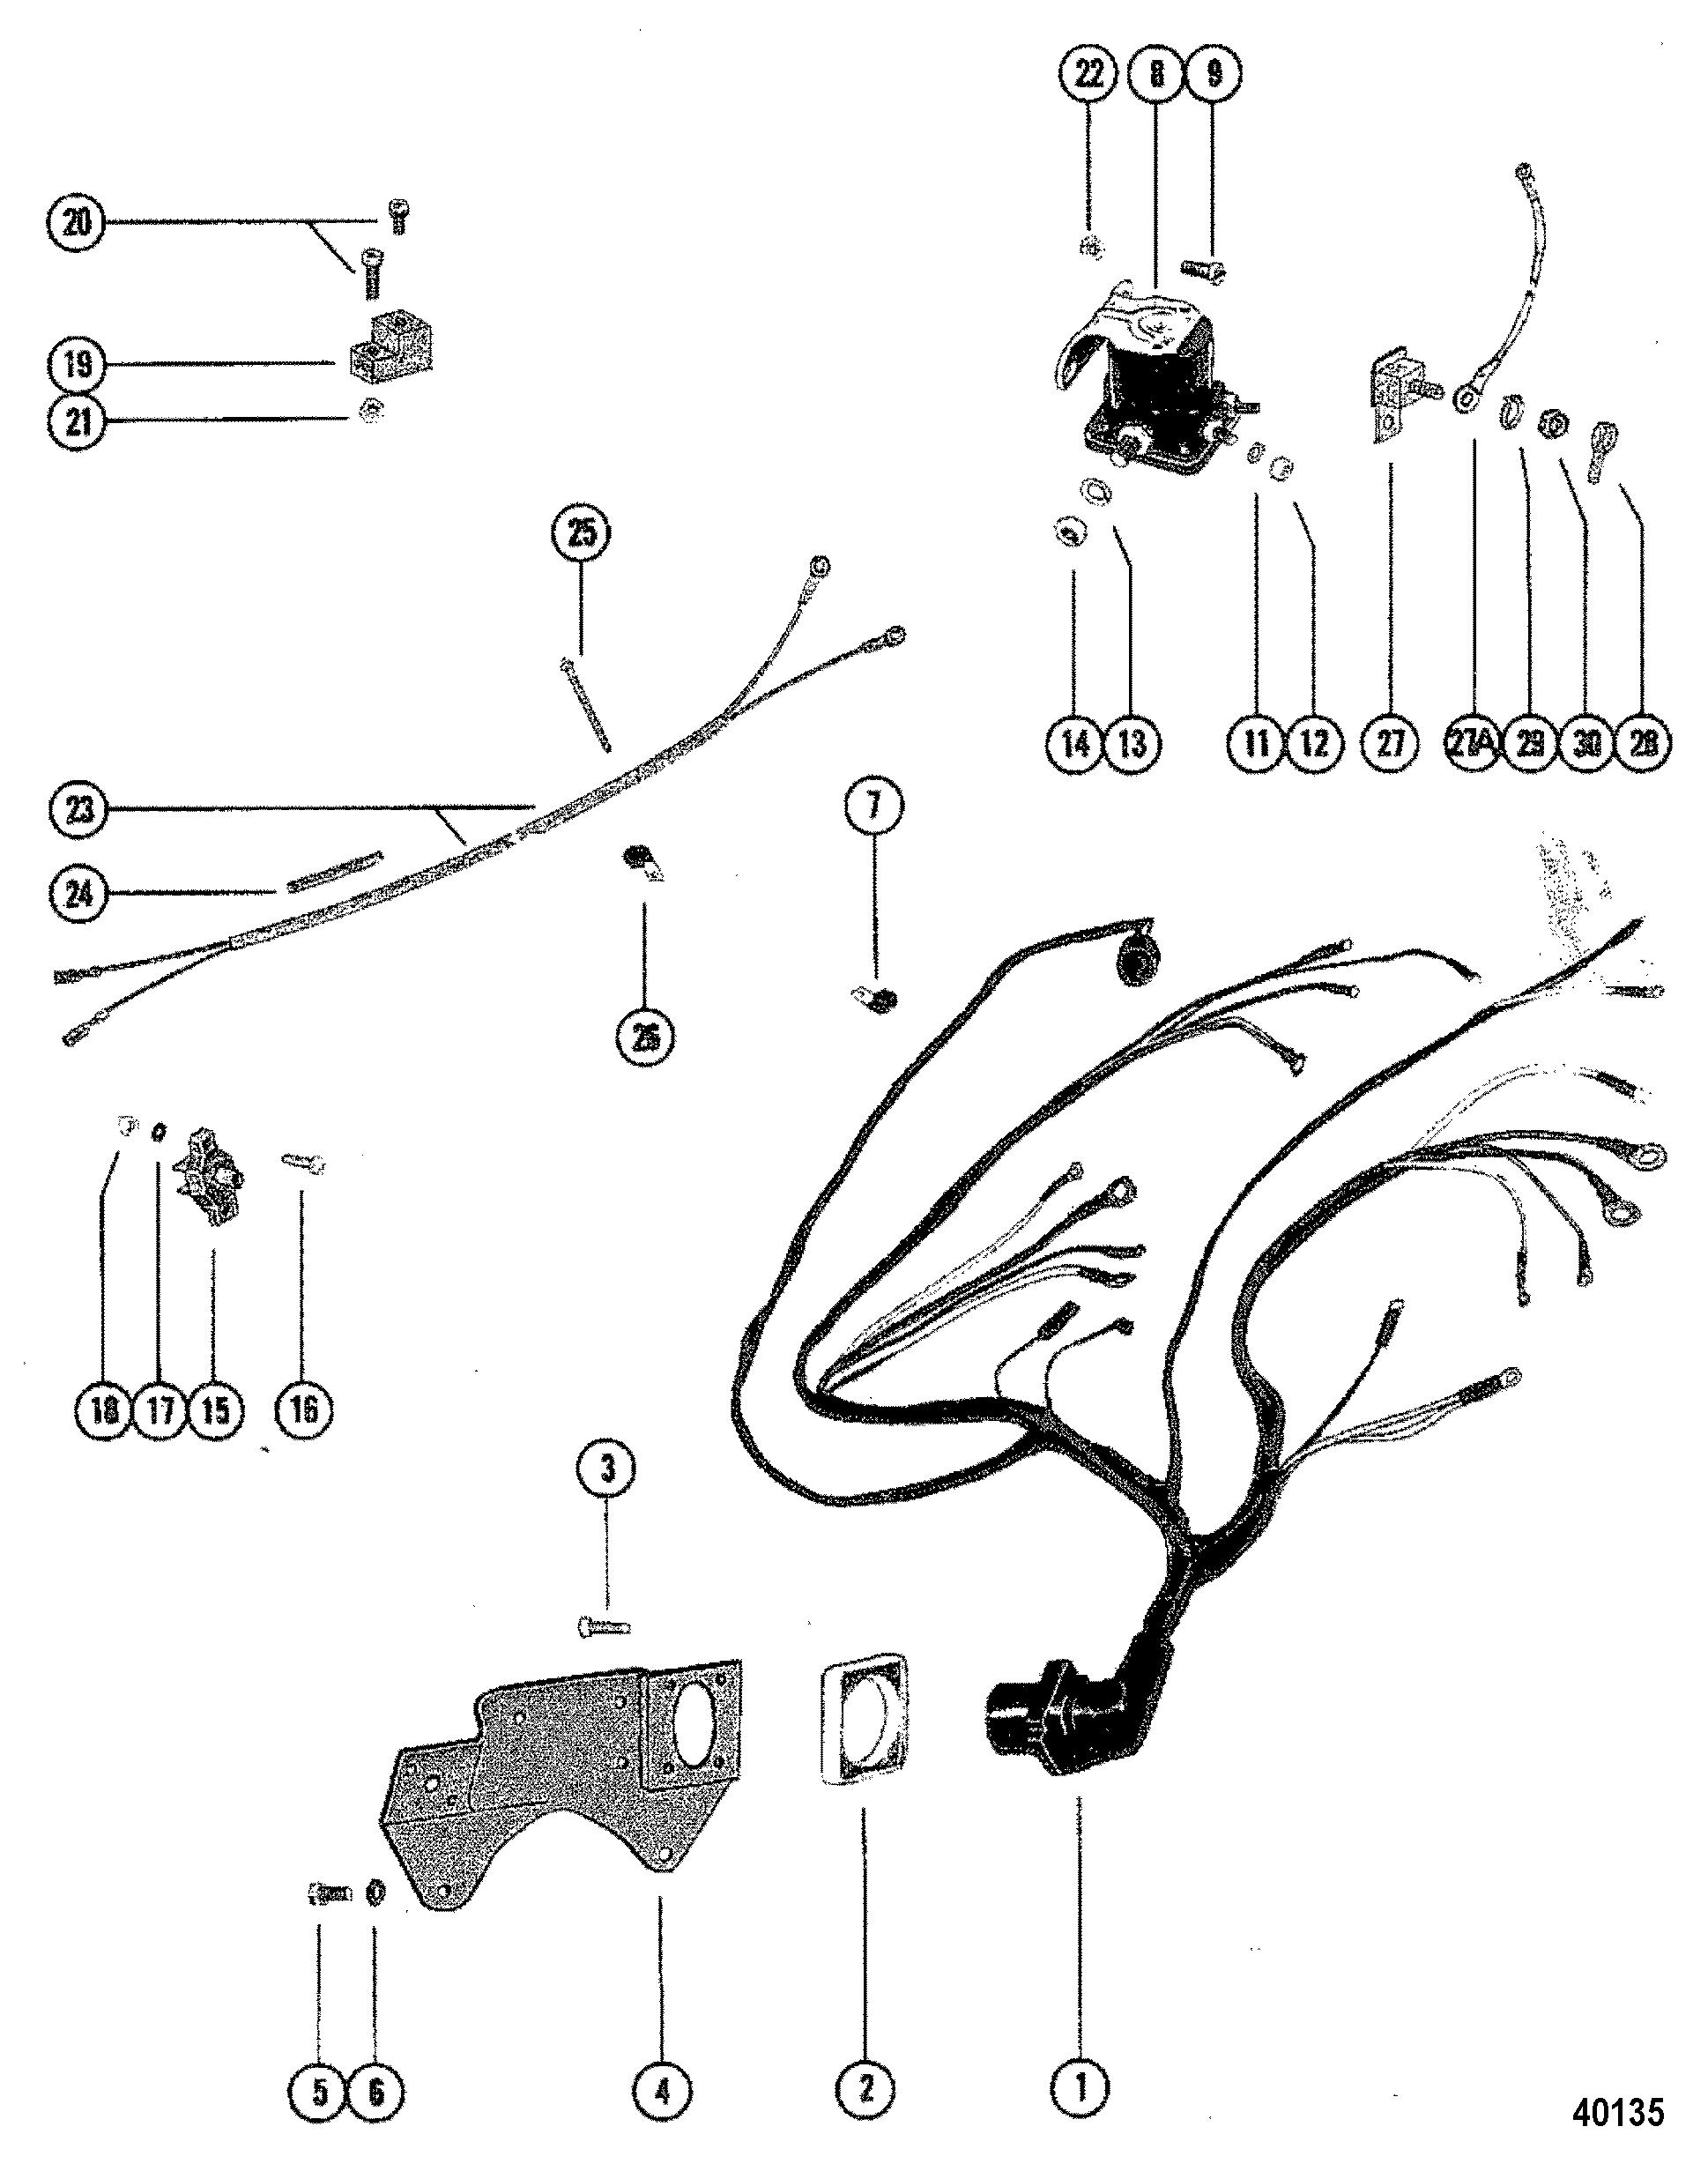 1981 mercruiser 260 wiring diagram